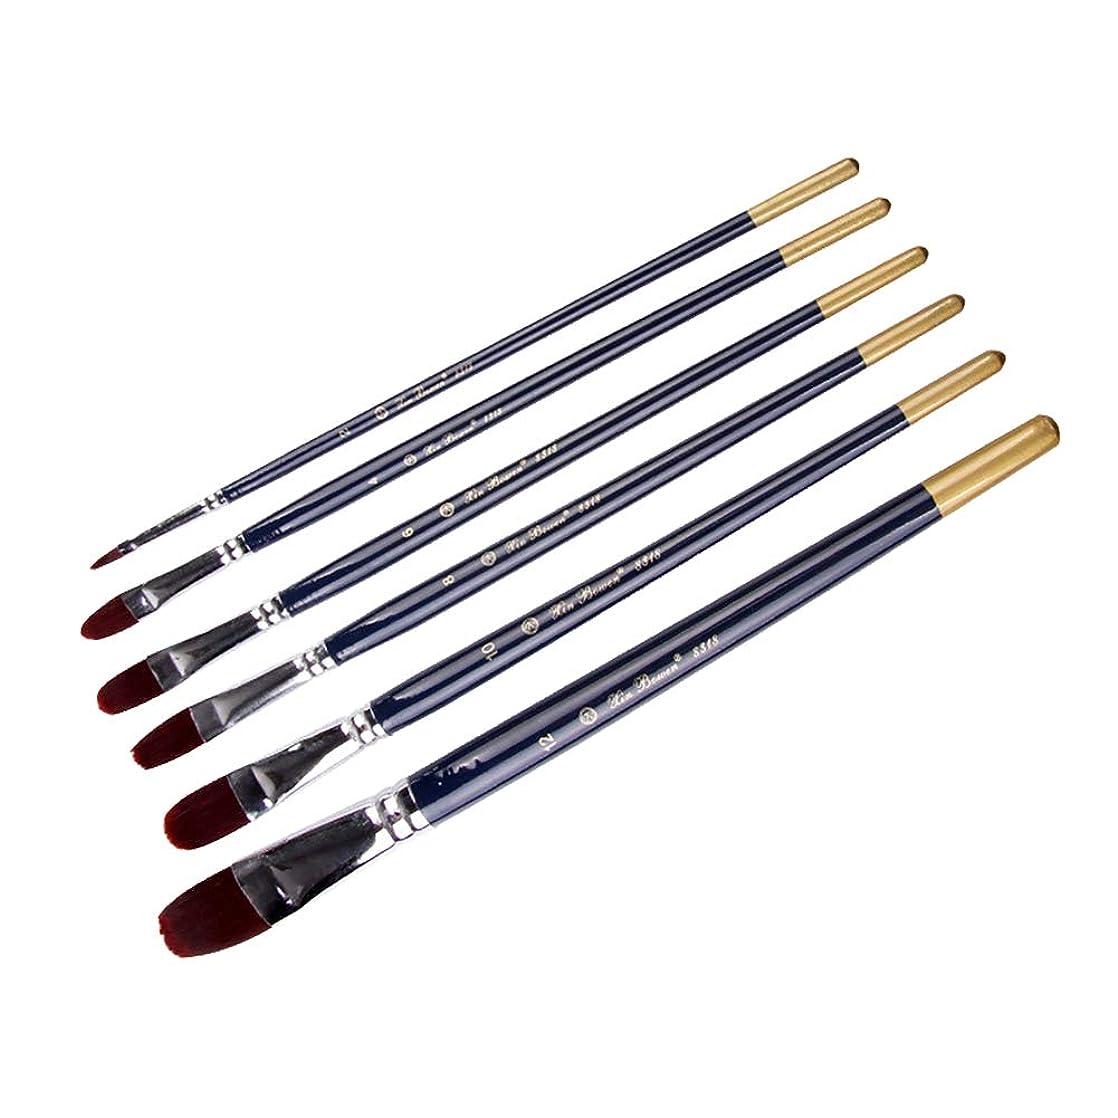 花輪彫刻でmecoco 油絵 筆 画筆 画材筆 水彩筆 ペイント ブラシ アクリル筆 平型筆 クリル絵の具 初心者 アーティスト 学生に適しています【 6本セット】